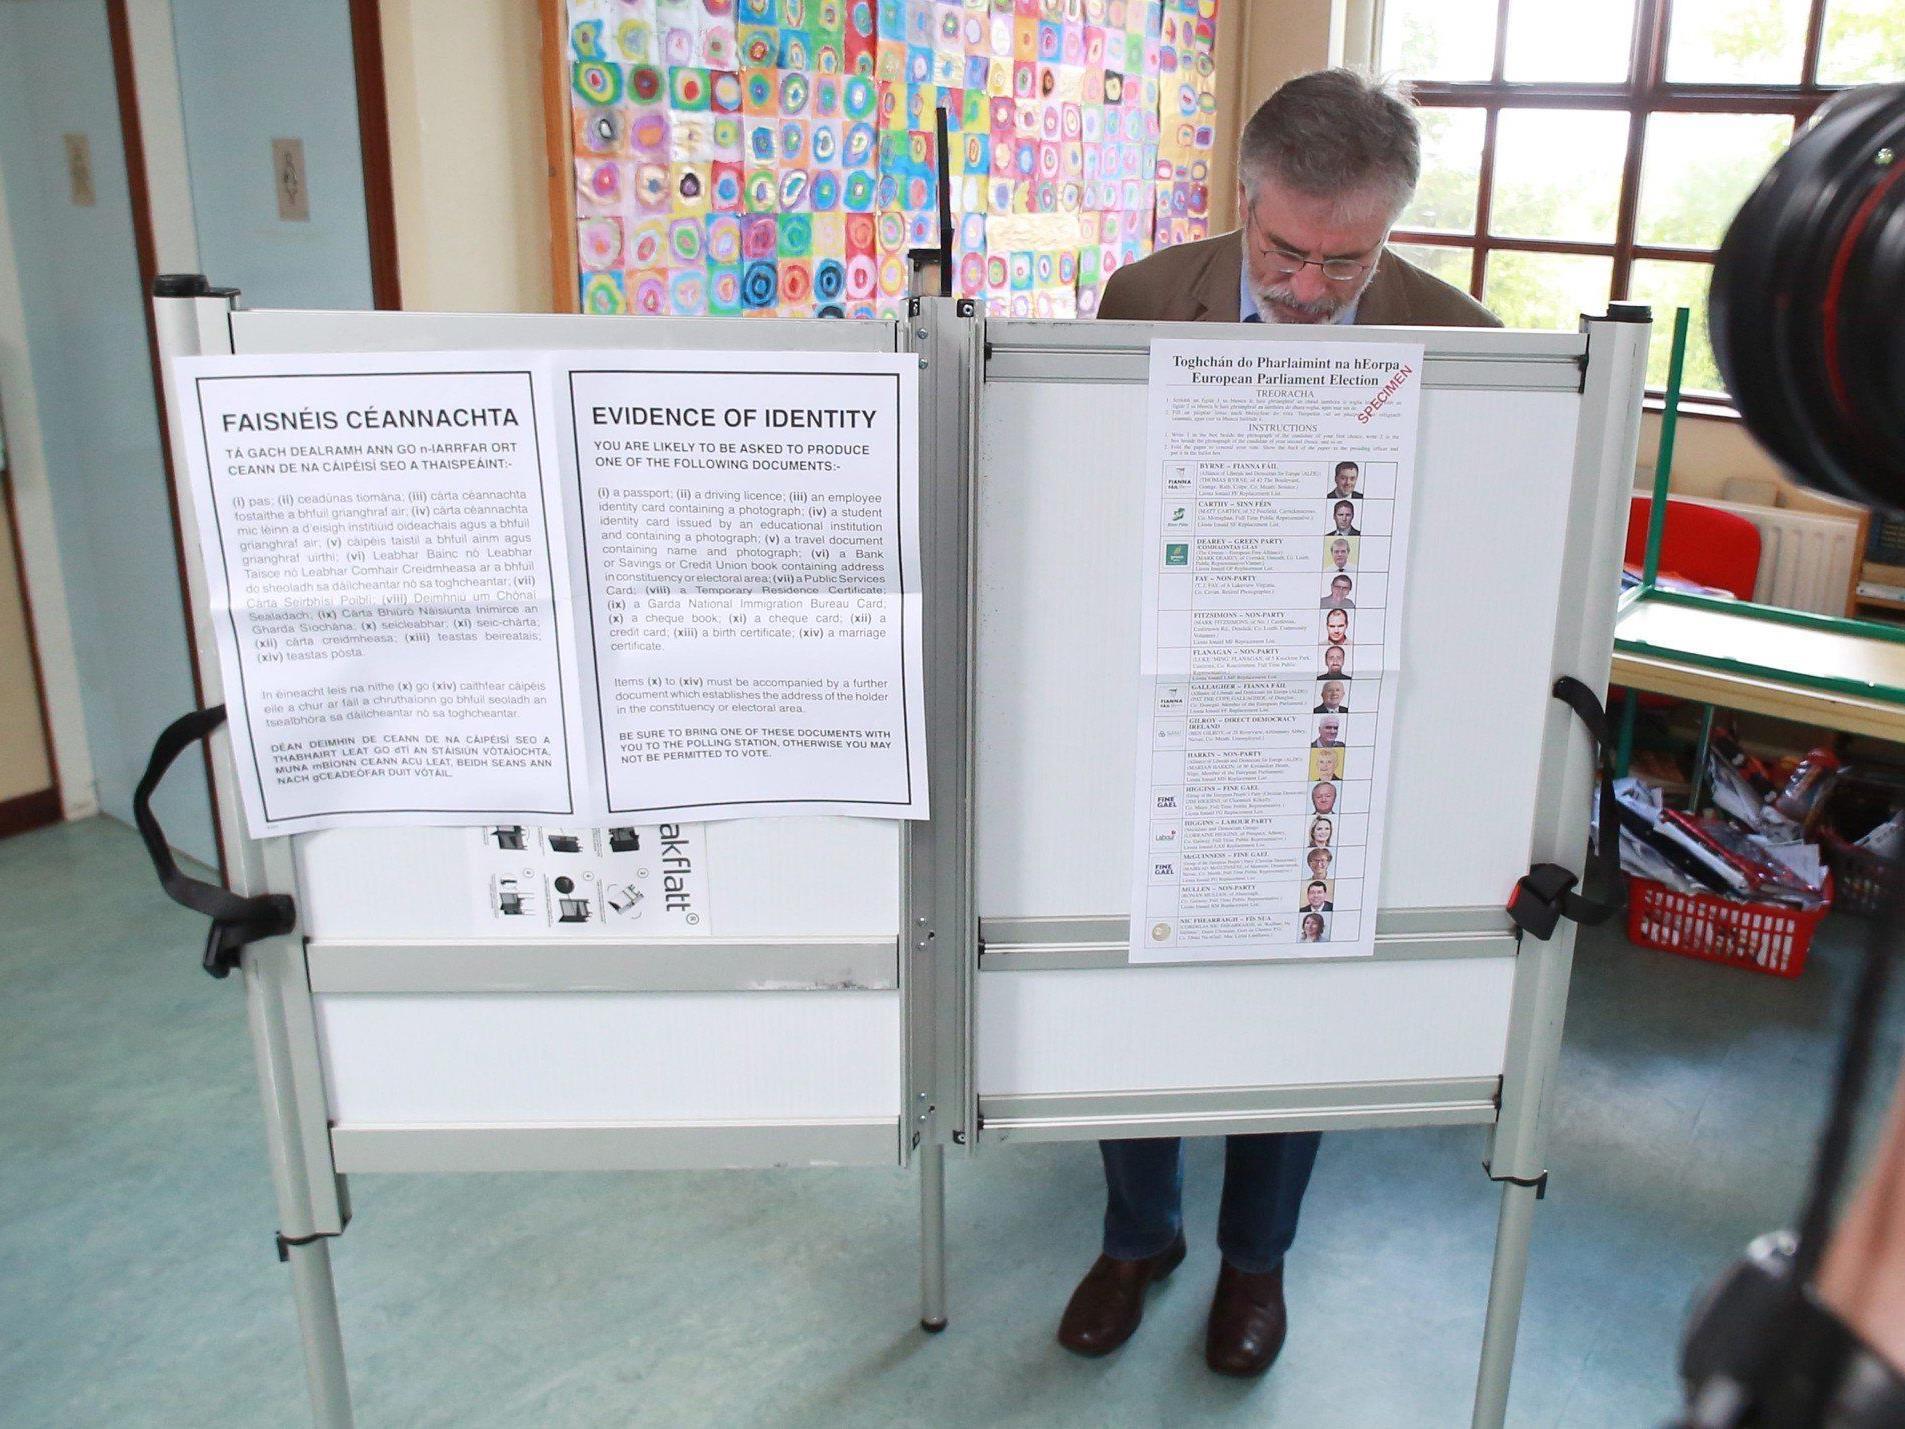 EU-Wahl - Unabhängige Kandidaten in Irland dürften stark abschneiden